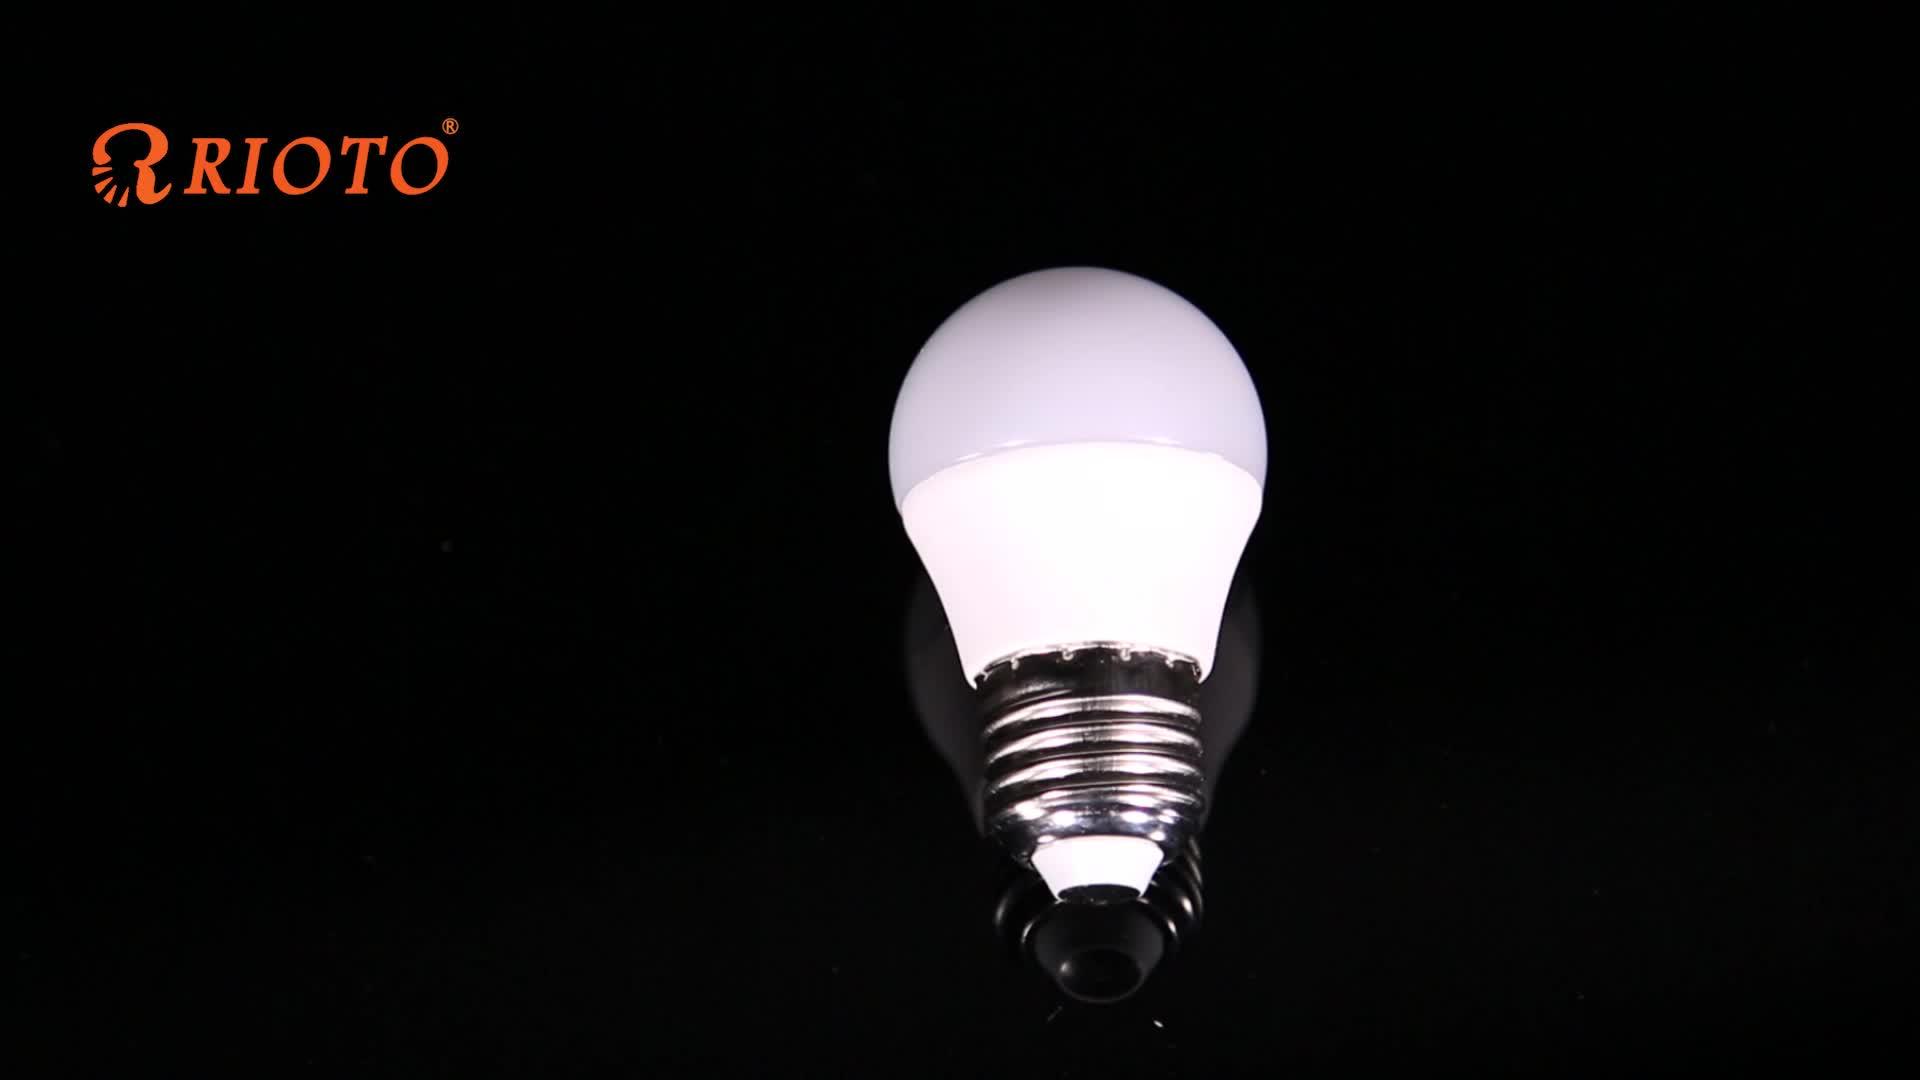 ราคาต่ำทำในประเทศจีนนำหลอดไฟโลกไฟอาลีบาบาด่วน